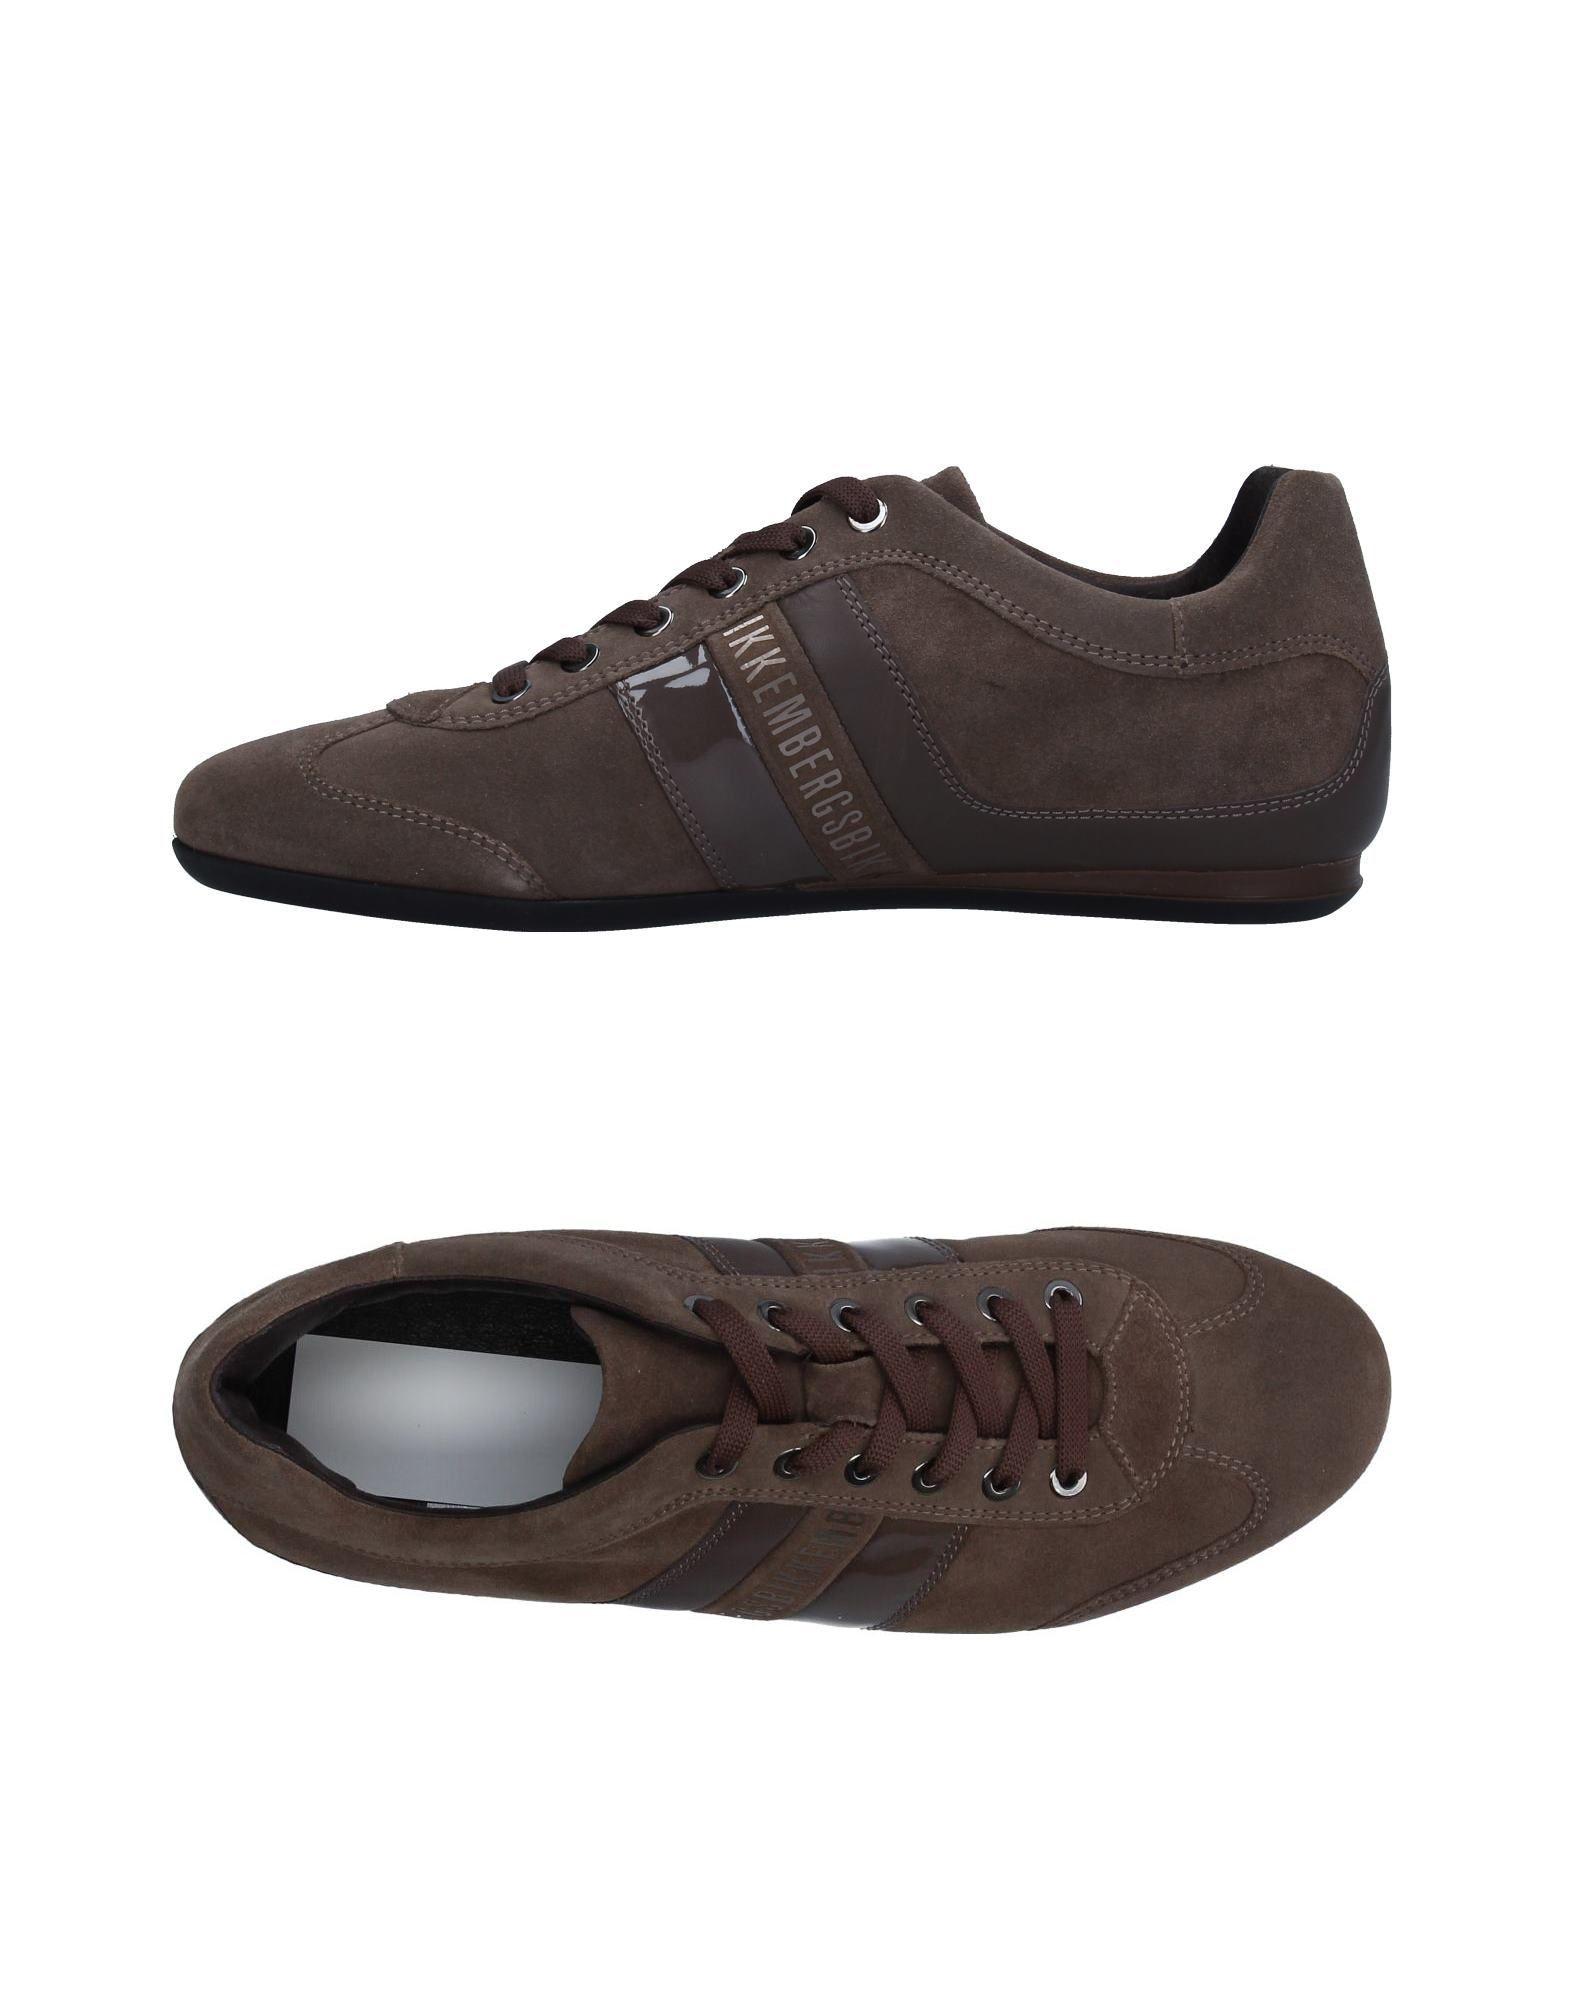 Sneakers Bikkembergs Donna - Acquista online su